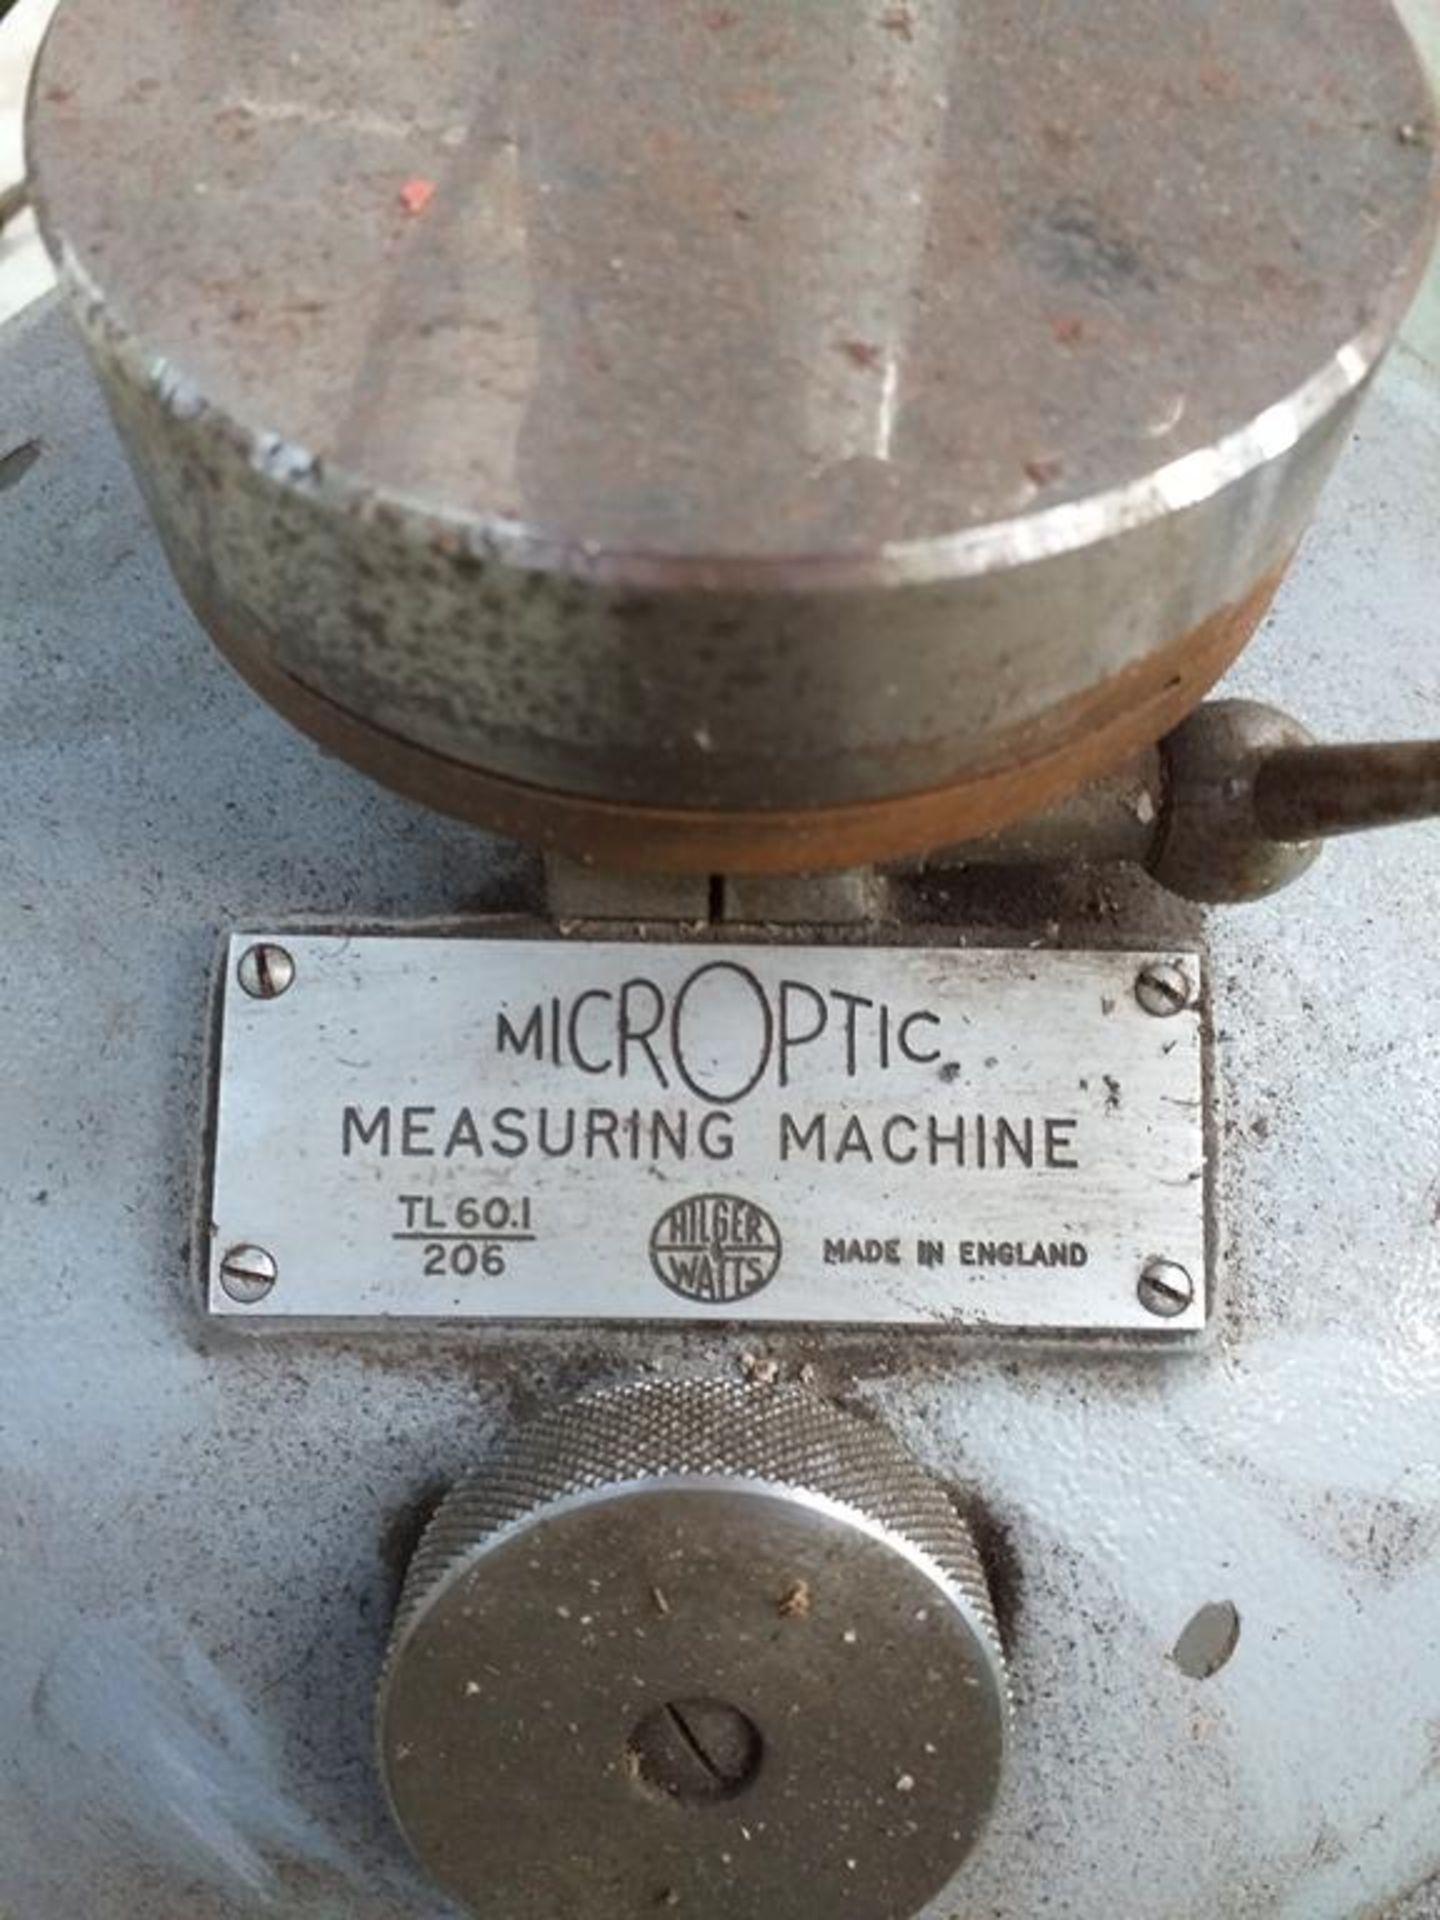 Lot 561 - A Microptic Measuring Machine